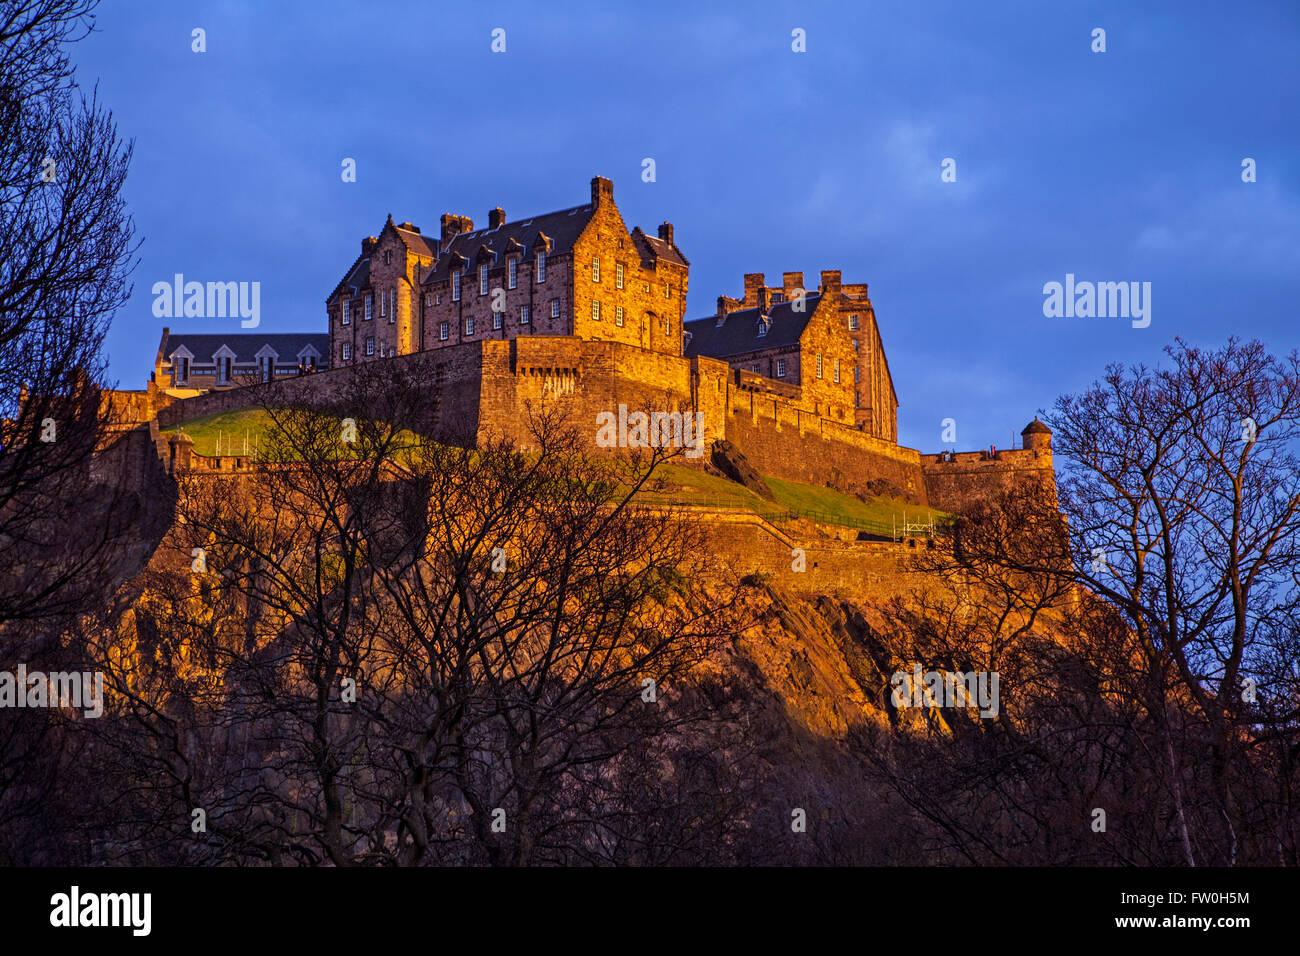 Ein Blick auf das prächtige Edinburgh Castle in Schottland. Stockbild